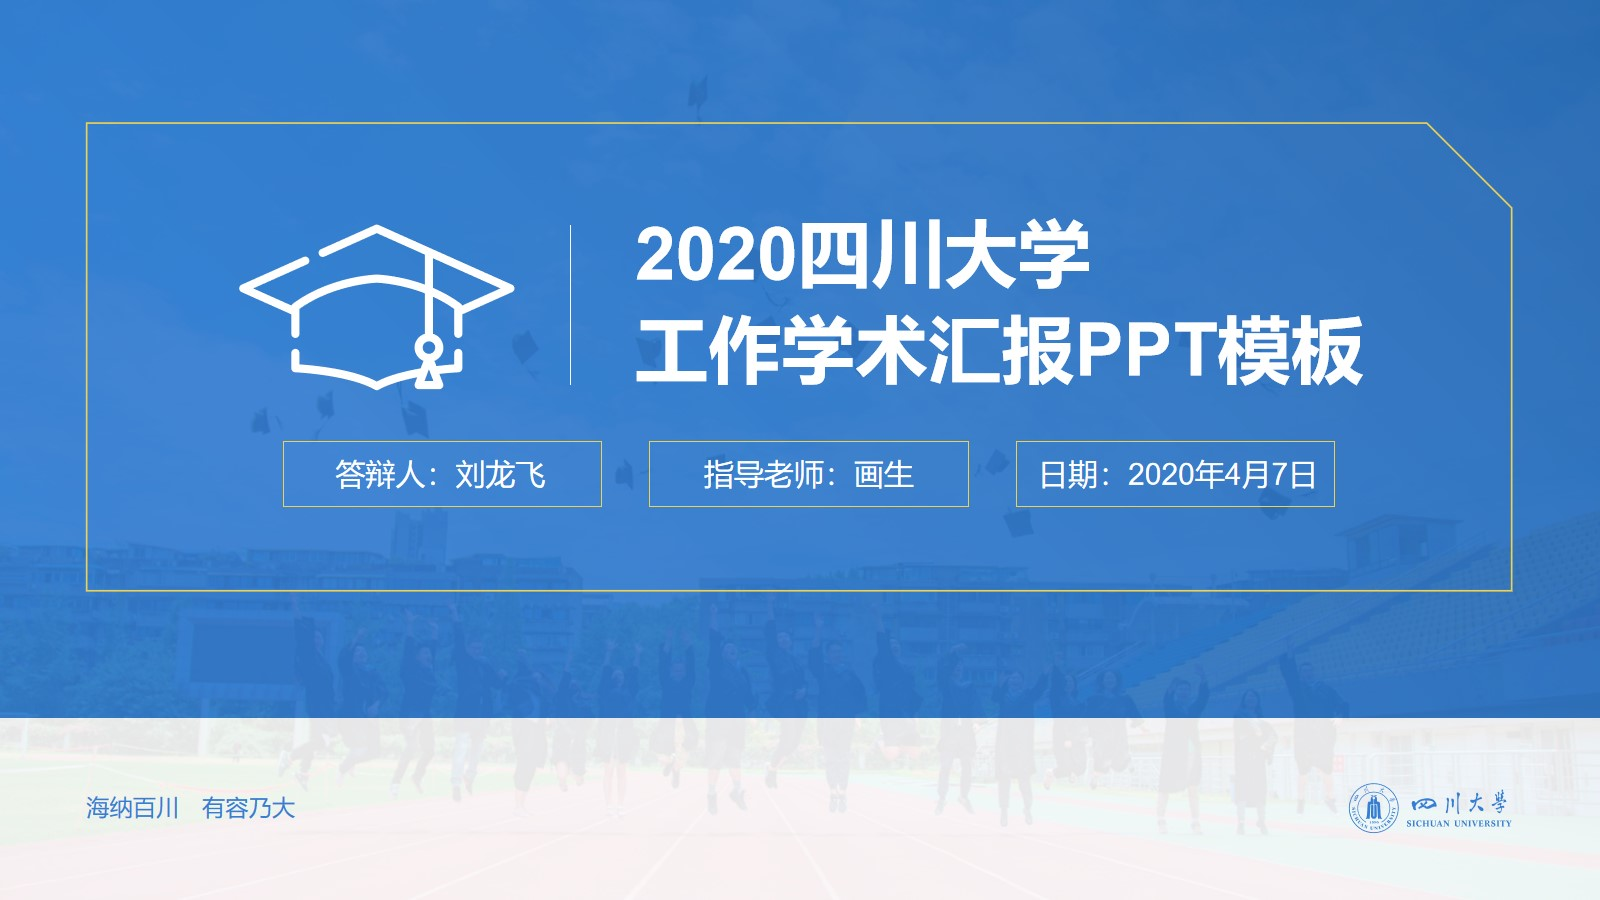 四川大学工作学术汇报ppt模板